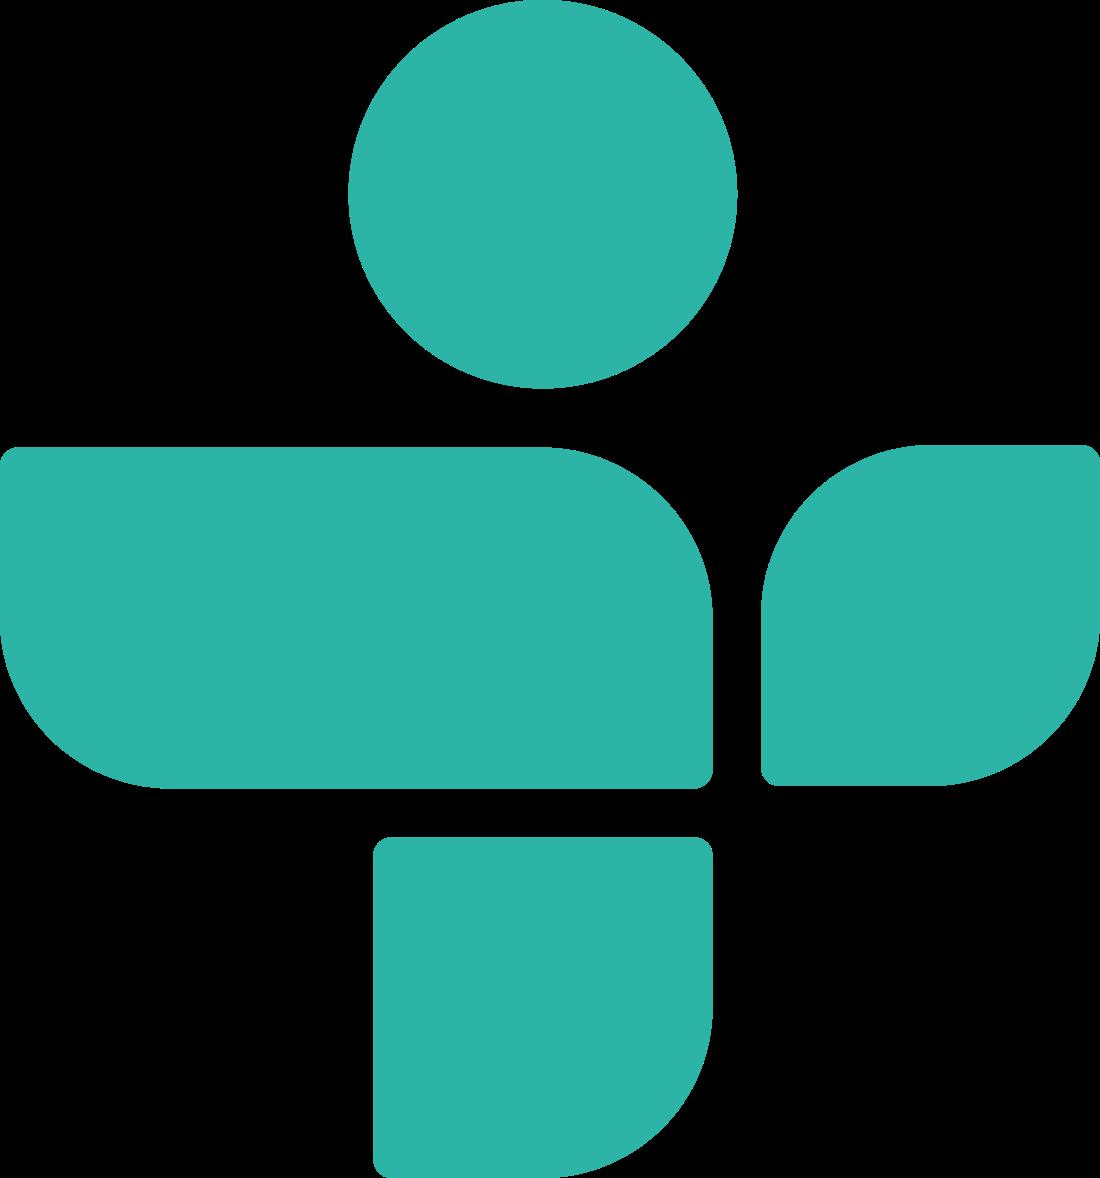 tunein-logo-7